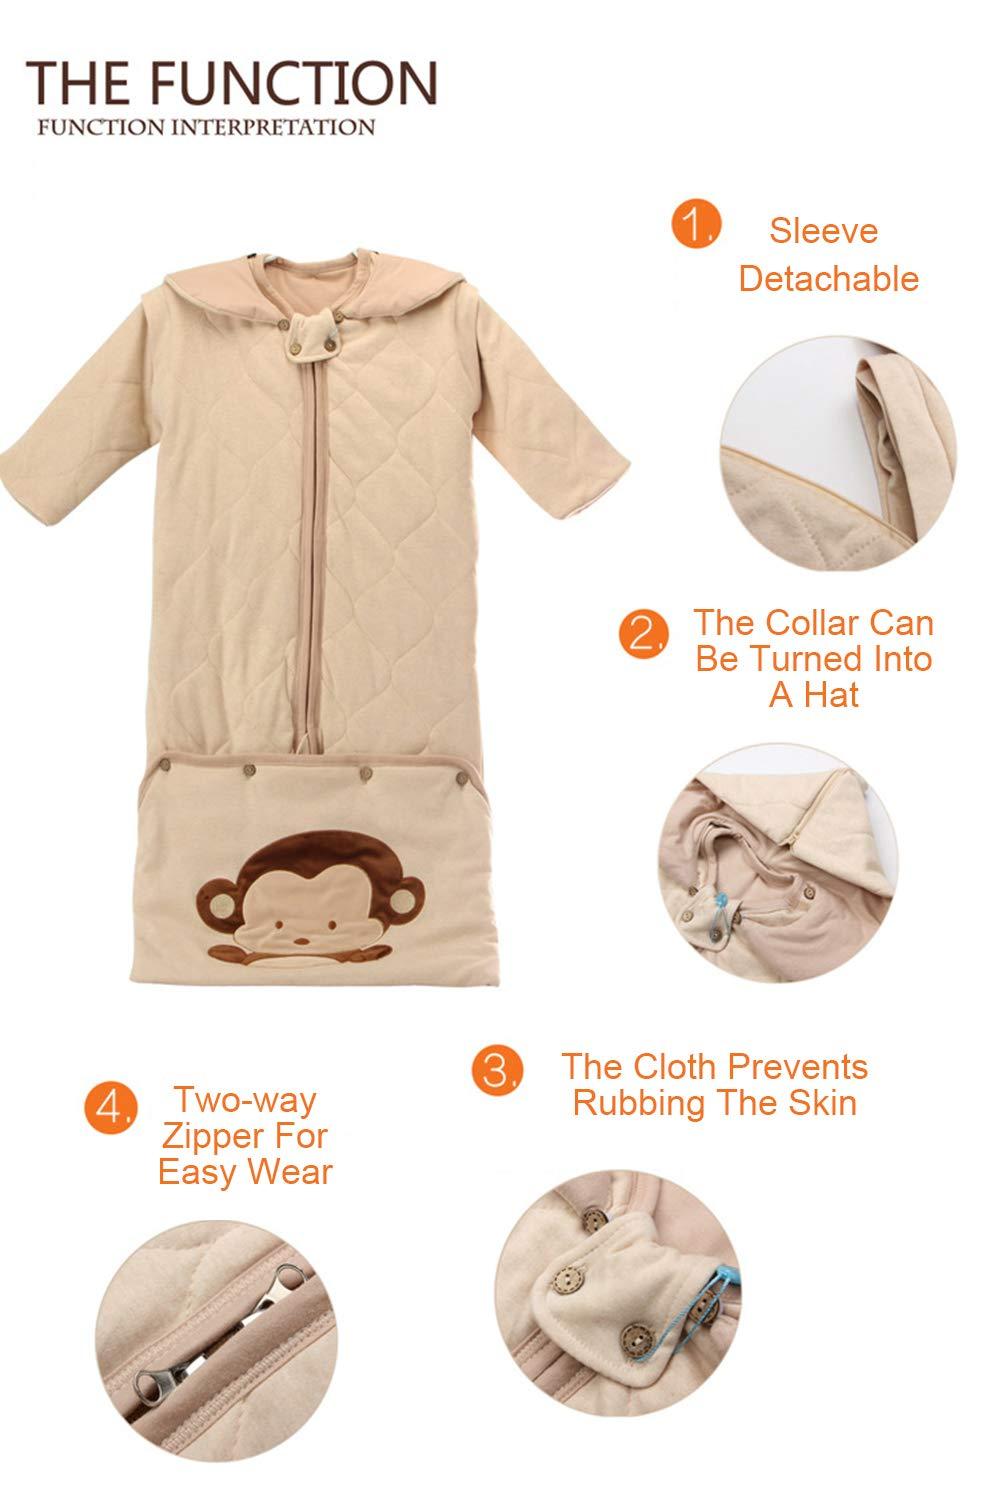 BabyFat Sacos de Dormir para Bebé Otoño/Invierno 2.5 Tog - Spring & Otoño - Beige Label 120: Amazon.es: Bebé